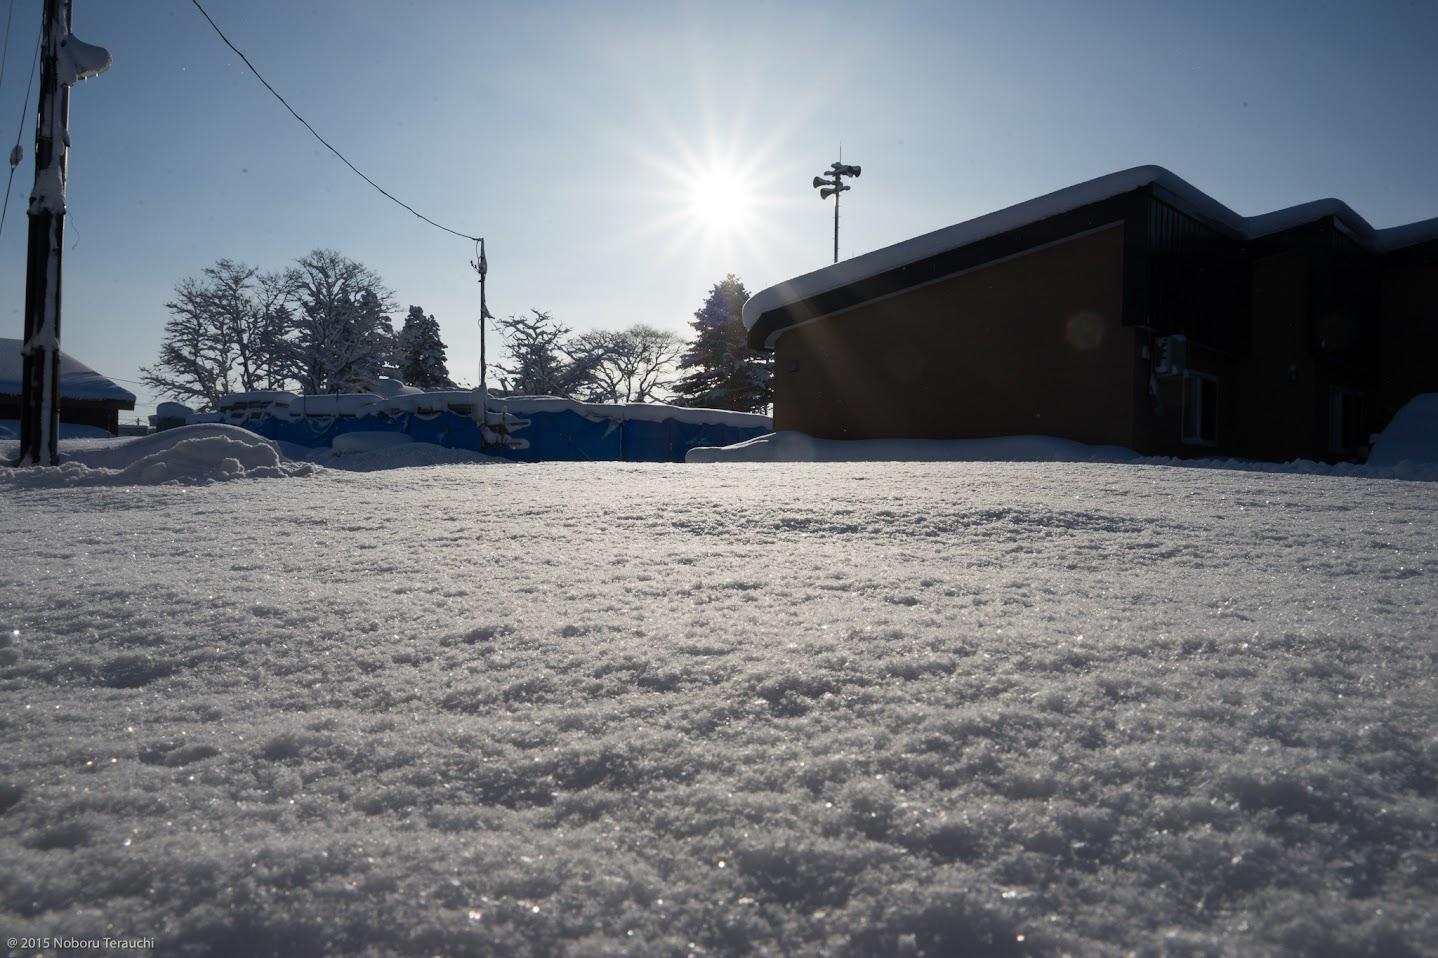 雪下に潜む神秘な力